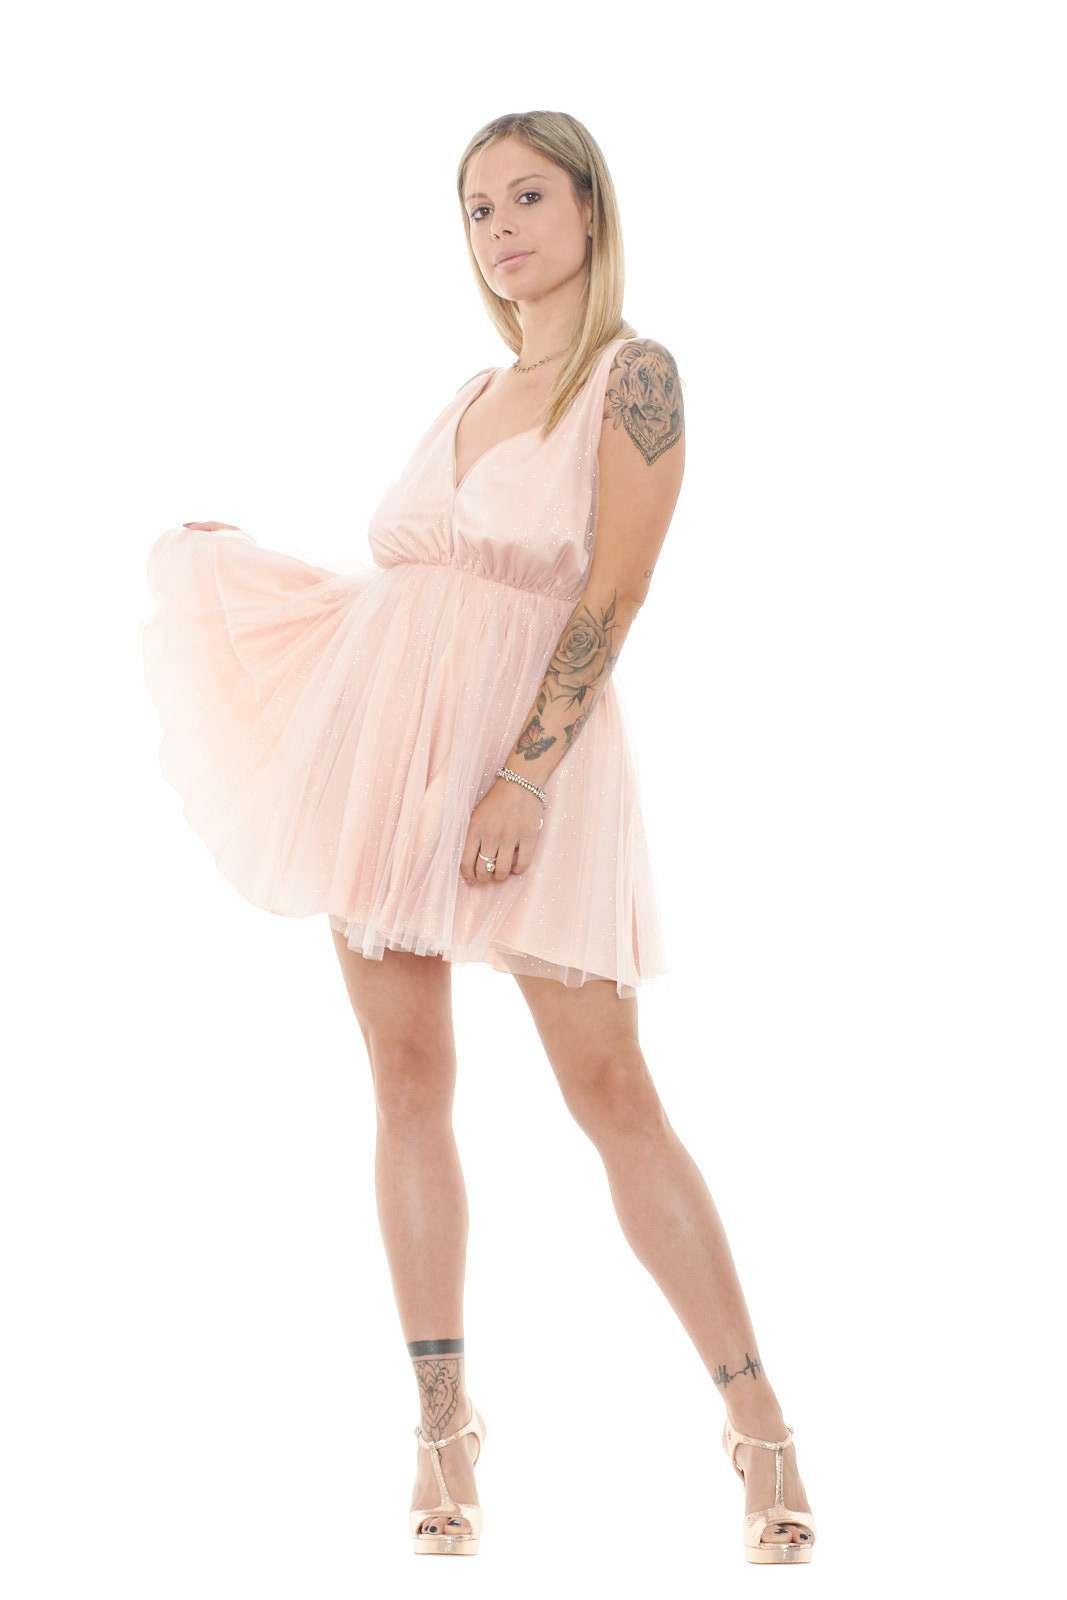 Un abito chic, perfetto per i tuoi party più esclusivi. Un ampio inserto in tulle con effetto laminato lo ricopre, per un tocco fashion e femminile, rendendolo un icona per i tuoi outfit più particolari. Per la donna che ama stupire.